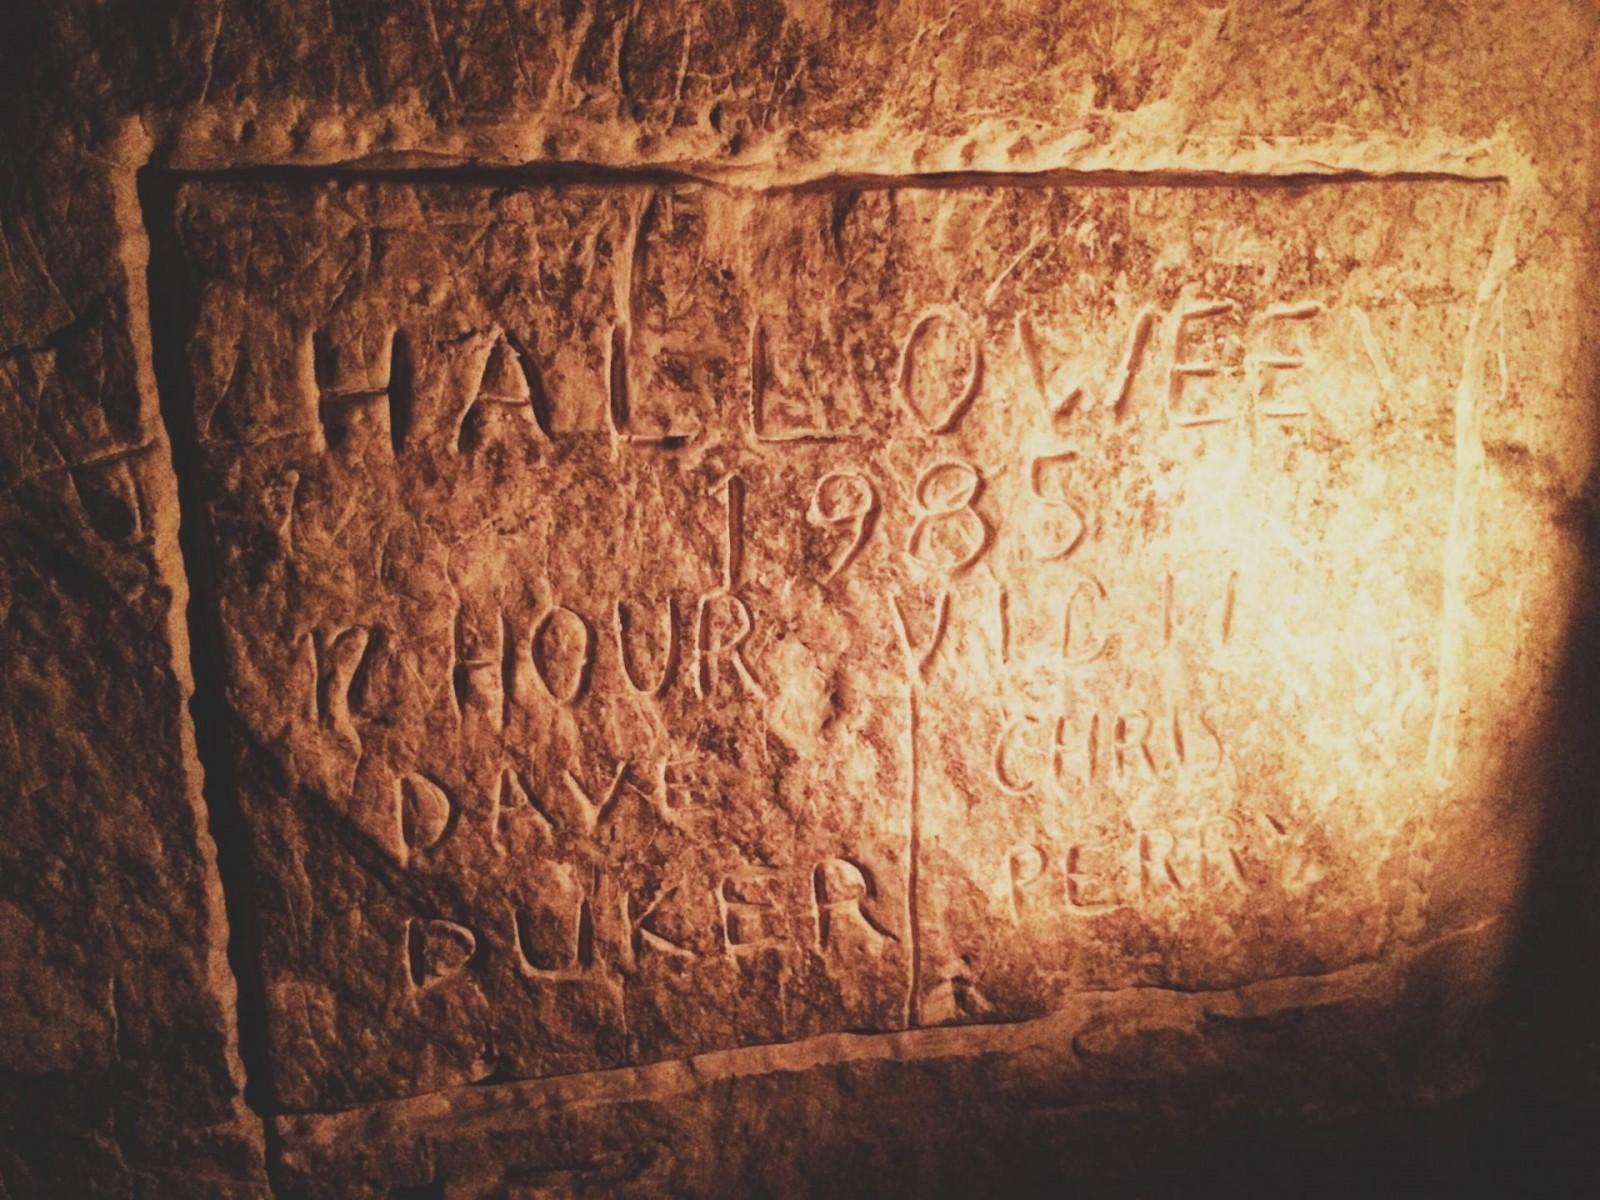 14. chislehurst caves